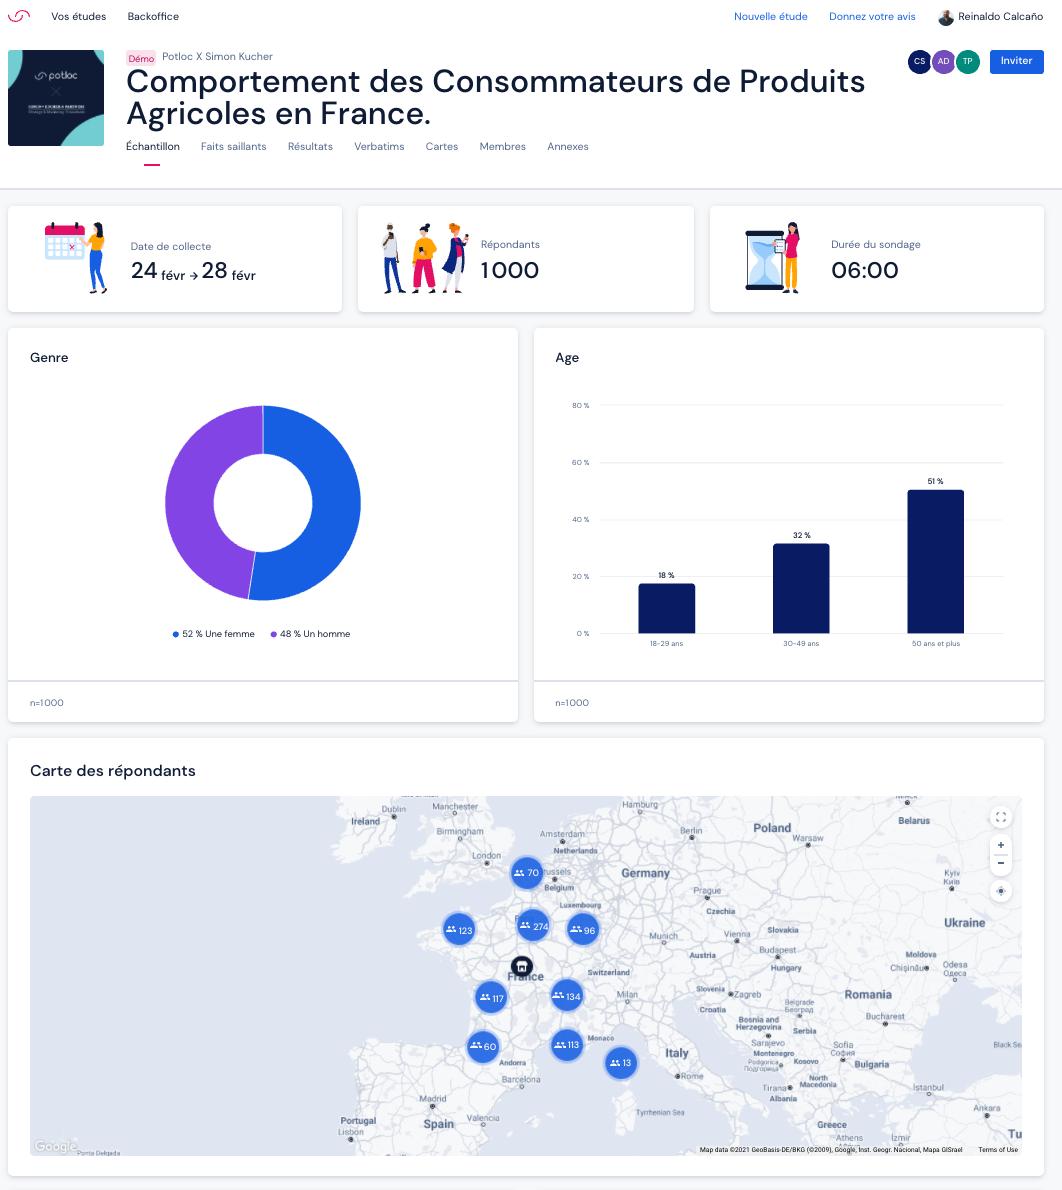 Potloc Dashboard - Comportement des Consommateurs de Produits Agricoles en France